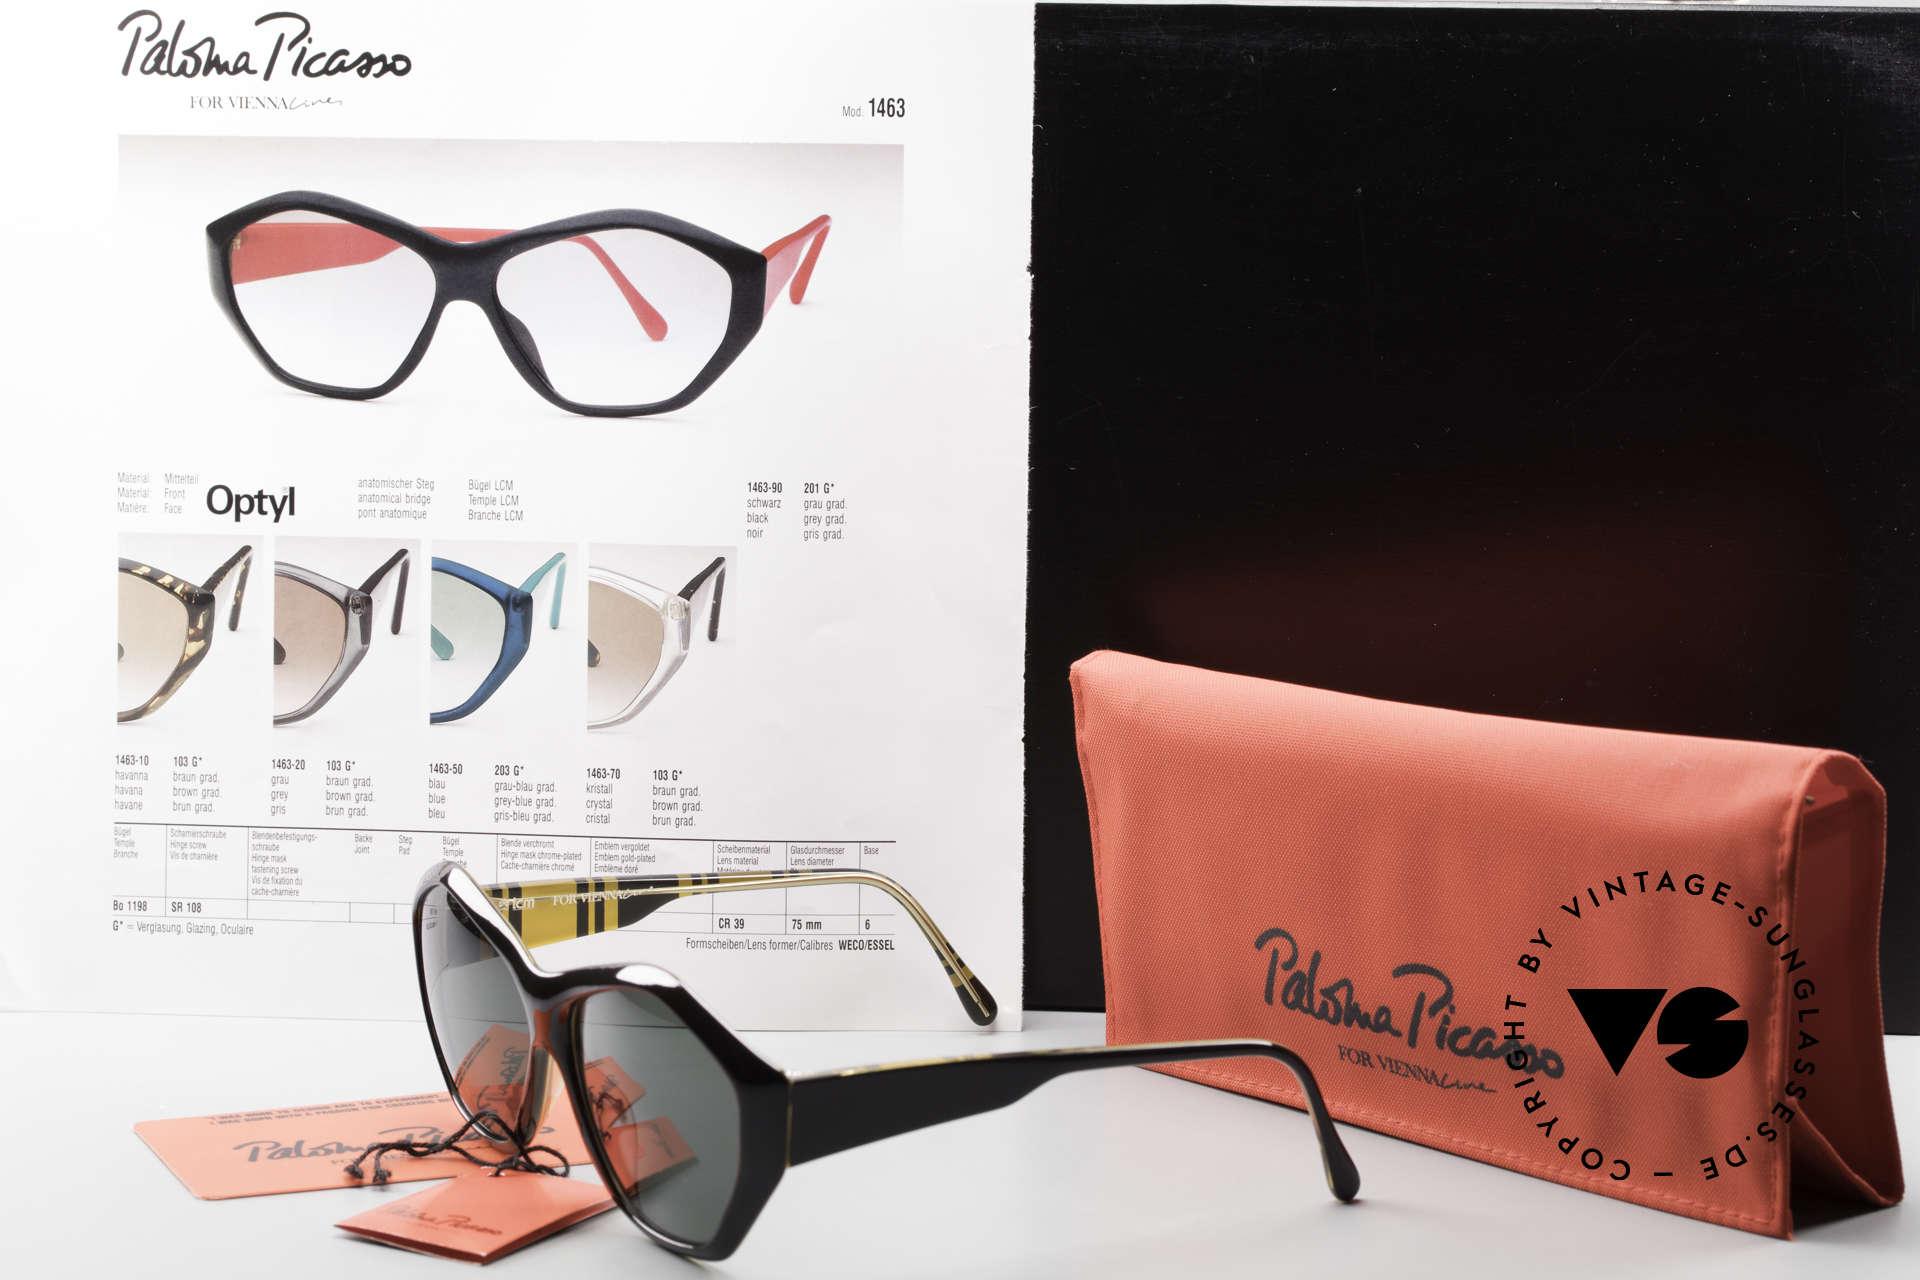 Paloma Picasso 1463 90er Damen Sonnenbrille Optyl, Größe: medium, Passend für Damen